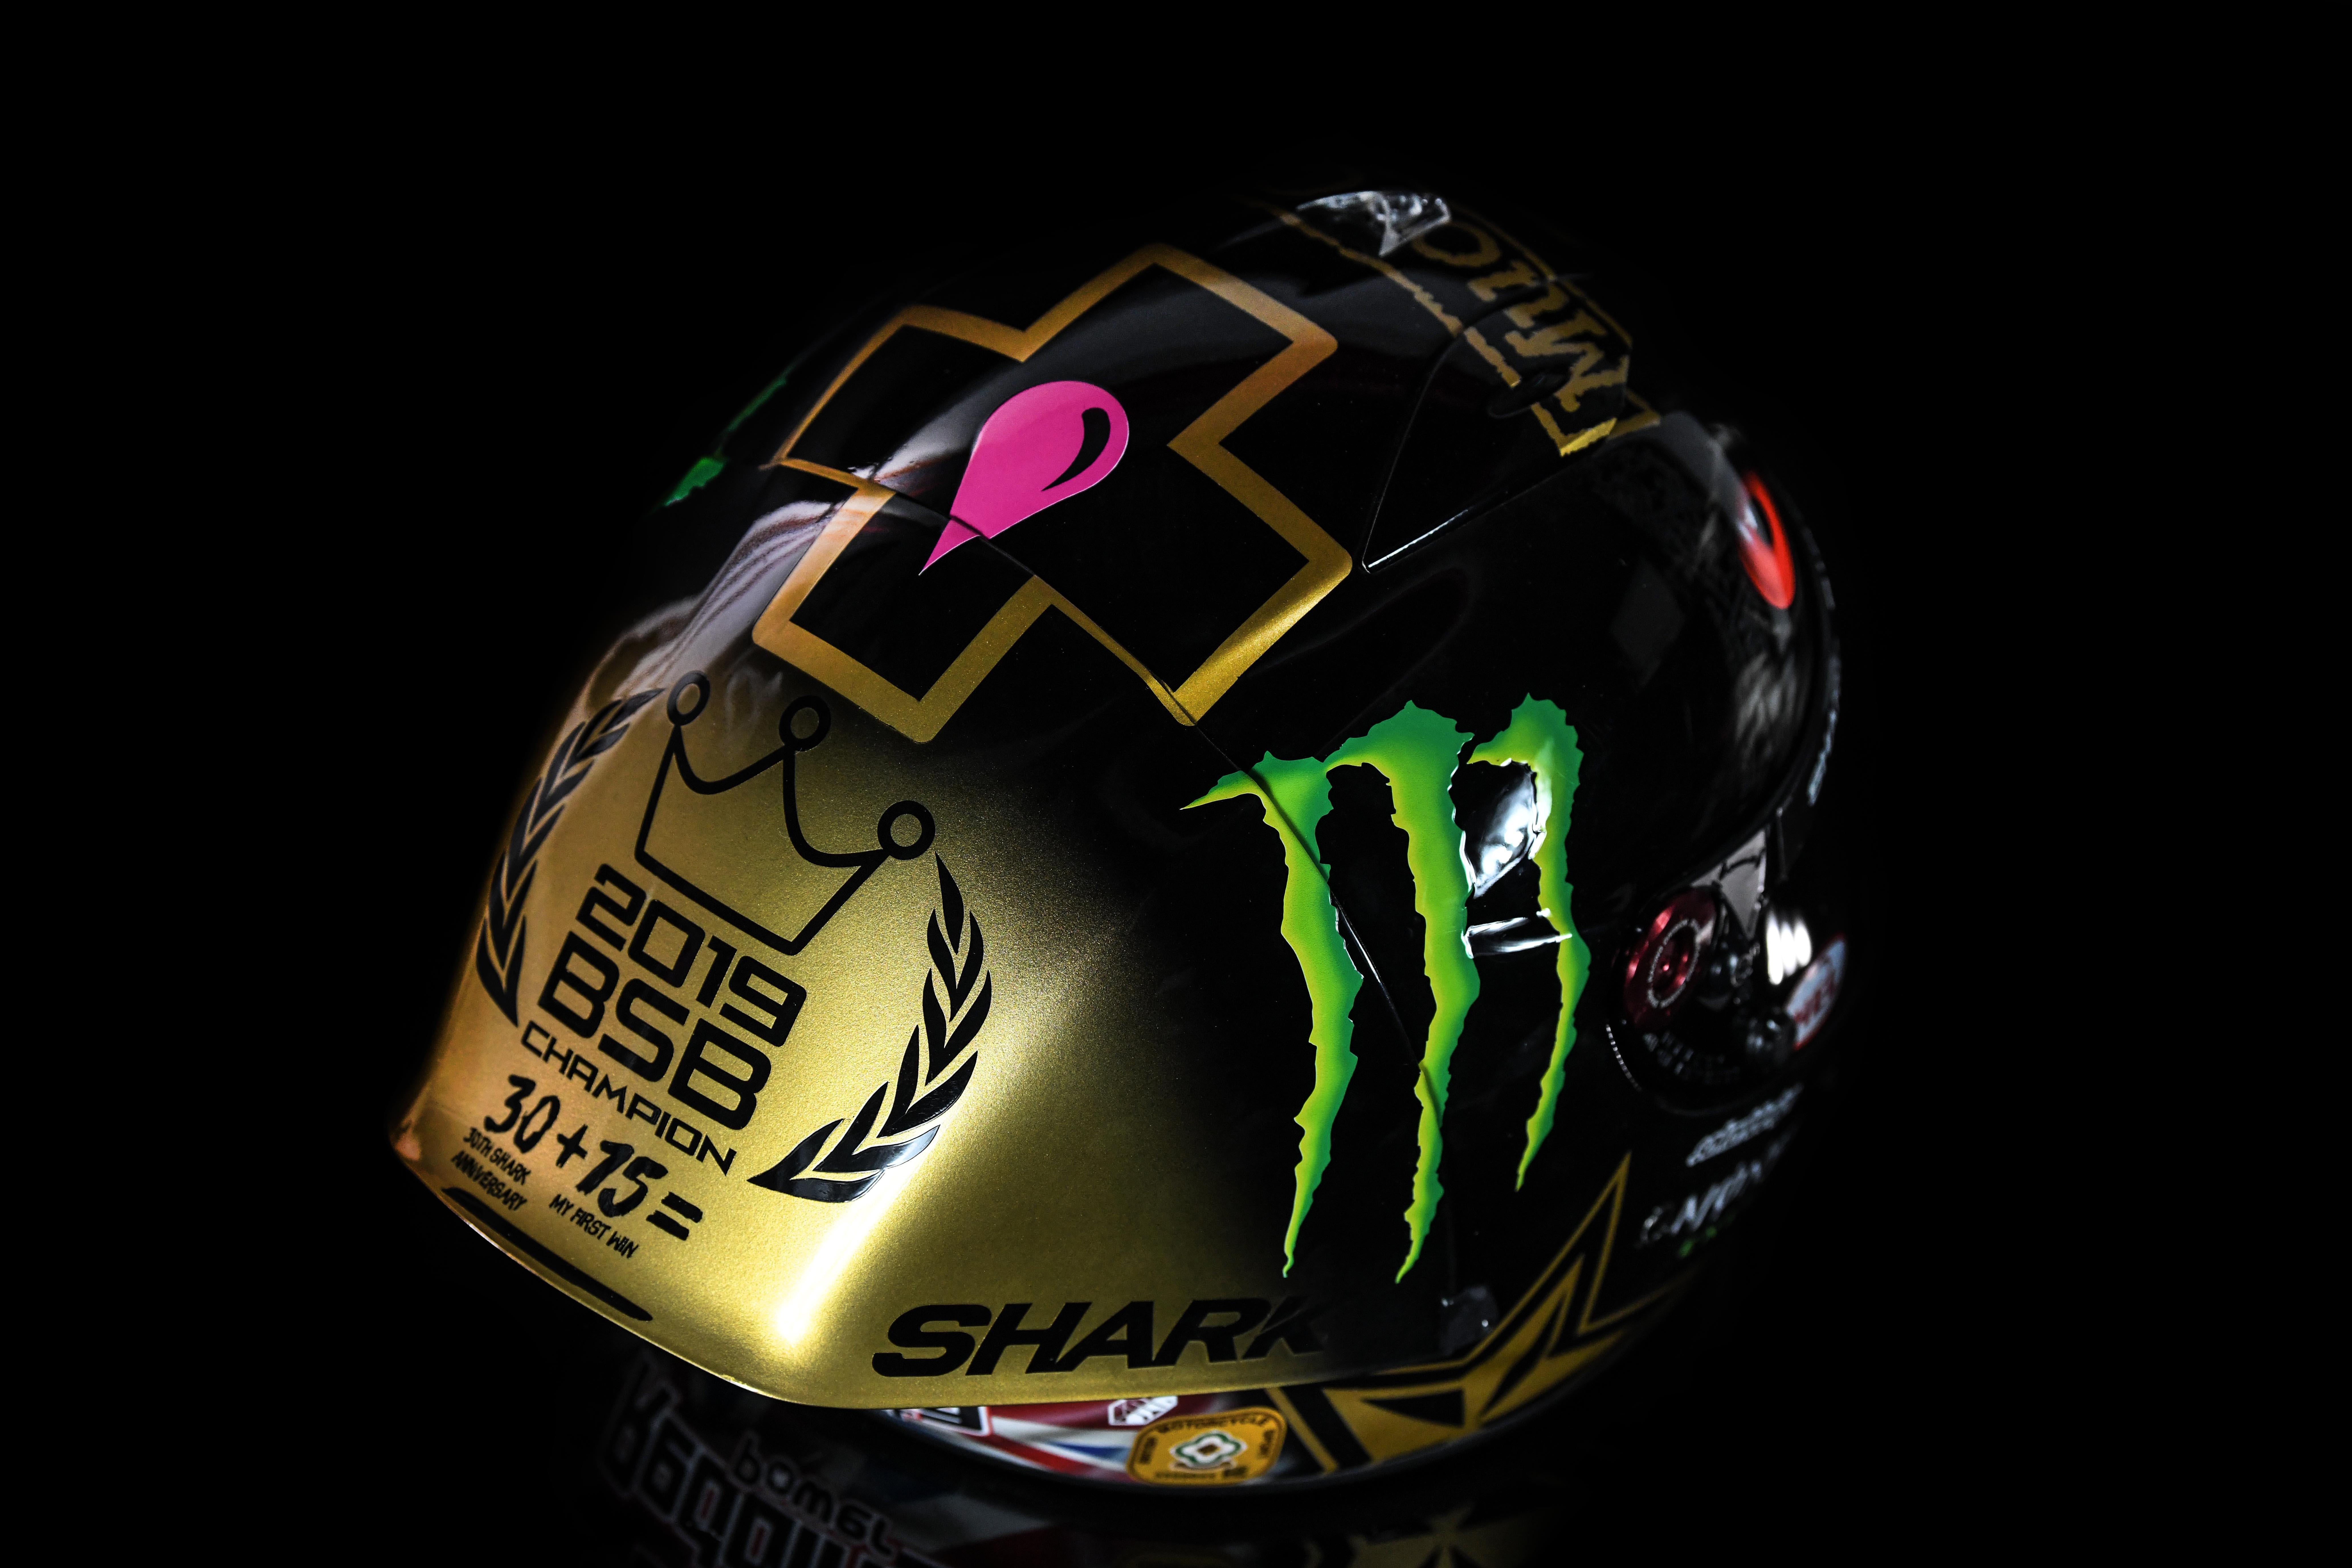 Scott Redding - Custom Helmet Image 2